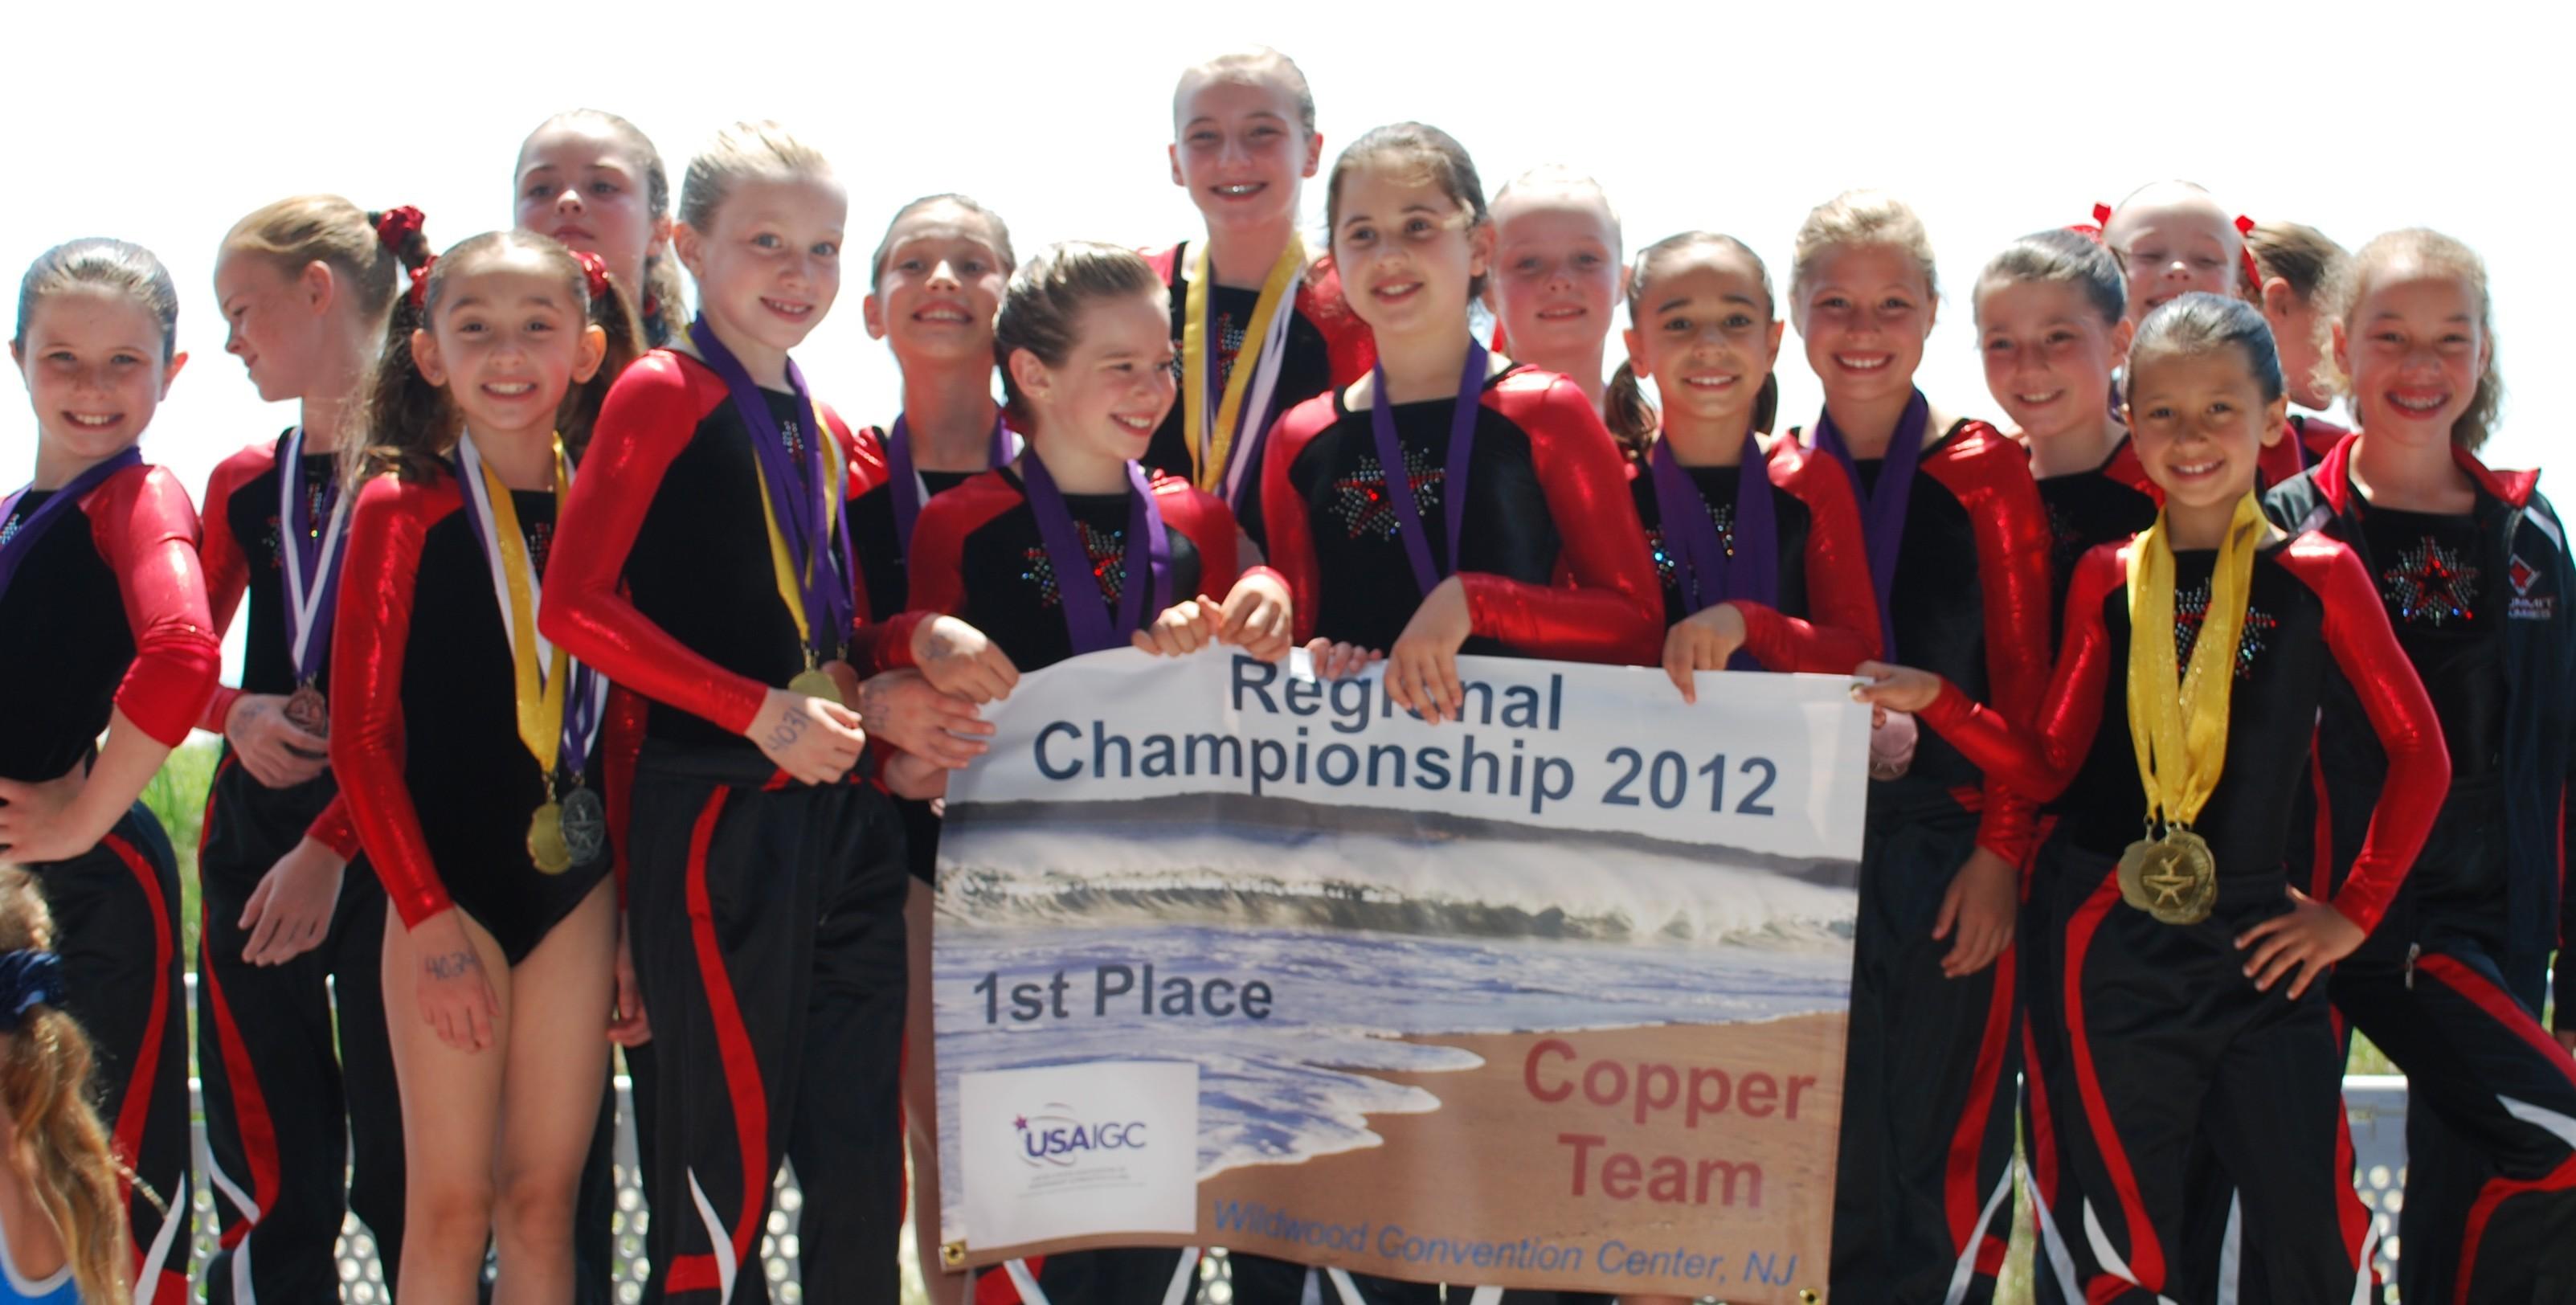 2b25e341ae9ba858ab24_copper_team_regional_champs.jpg